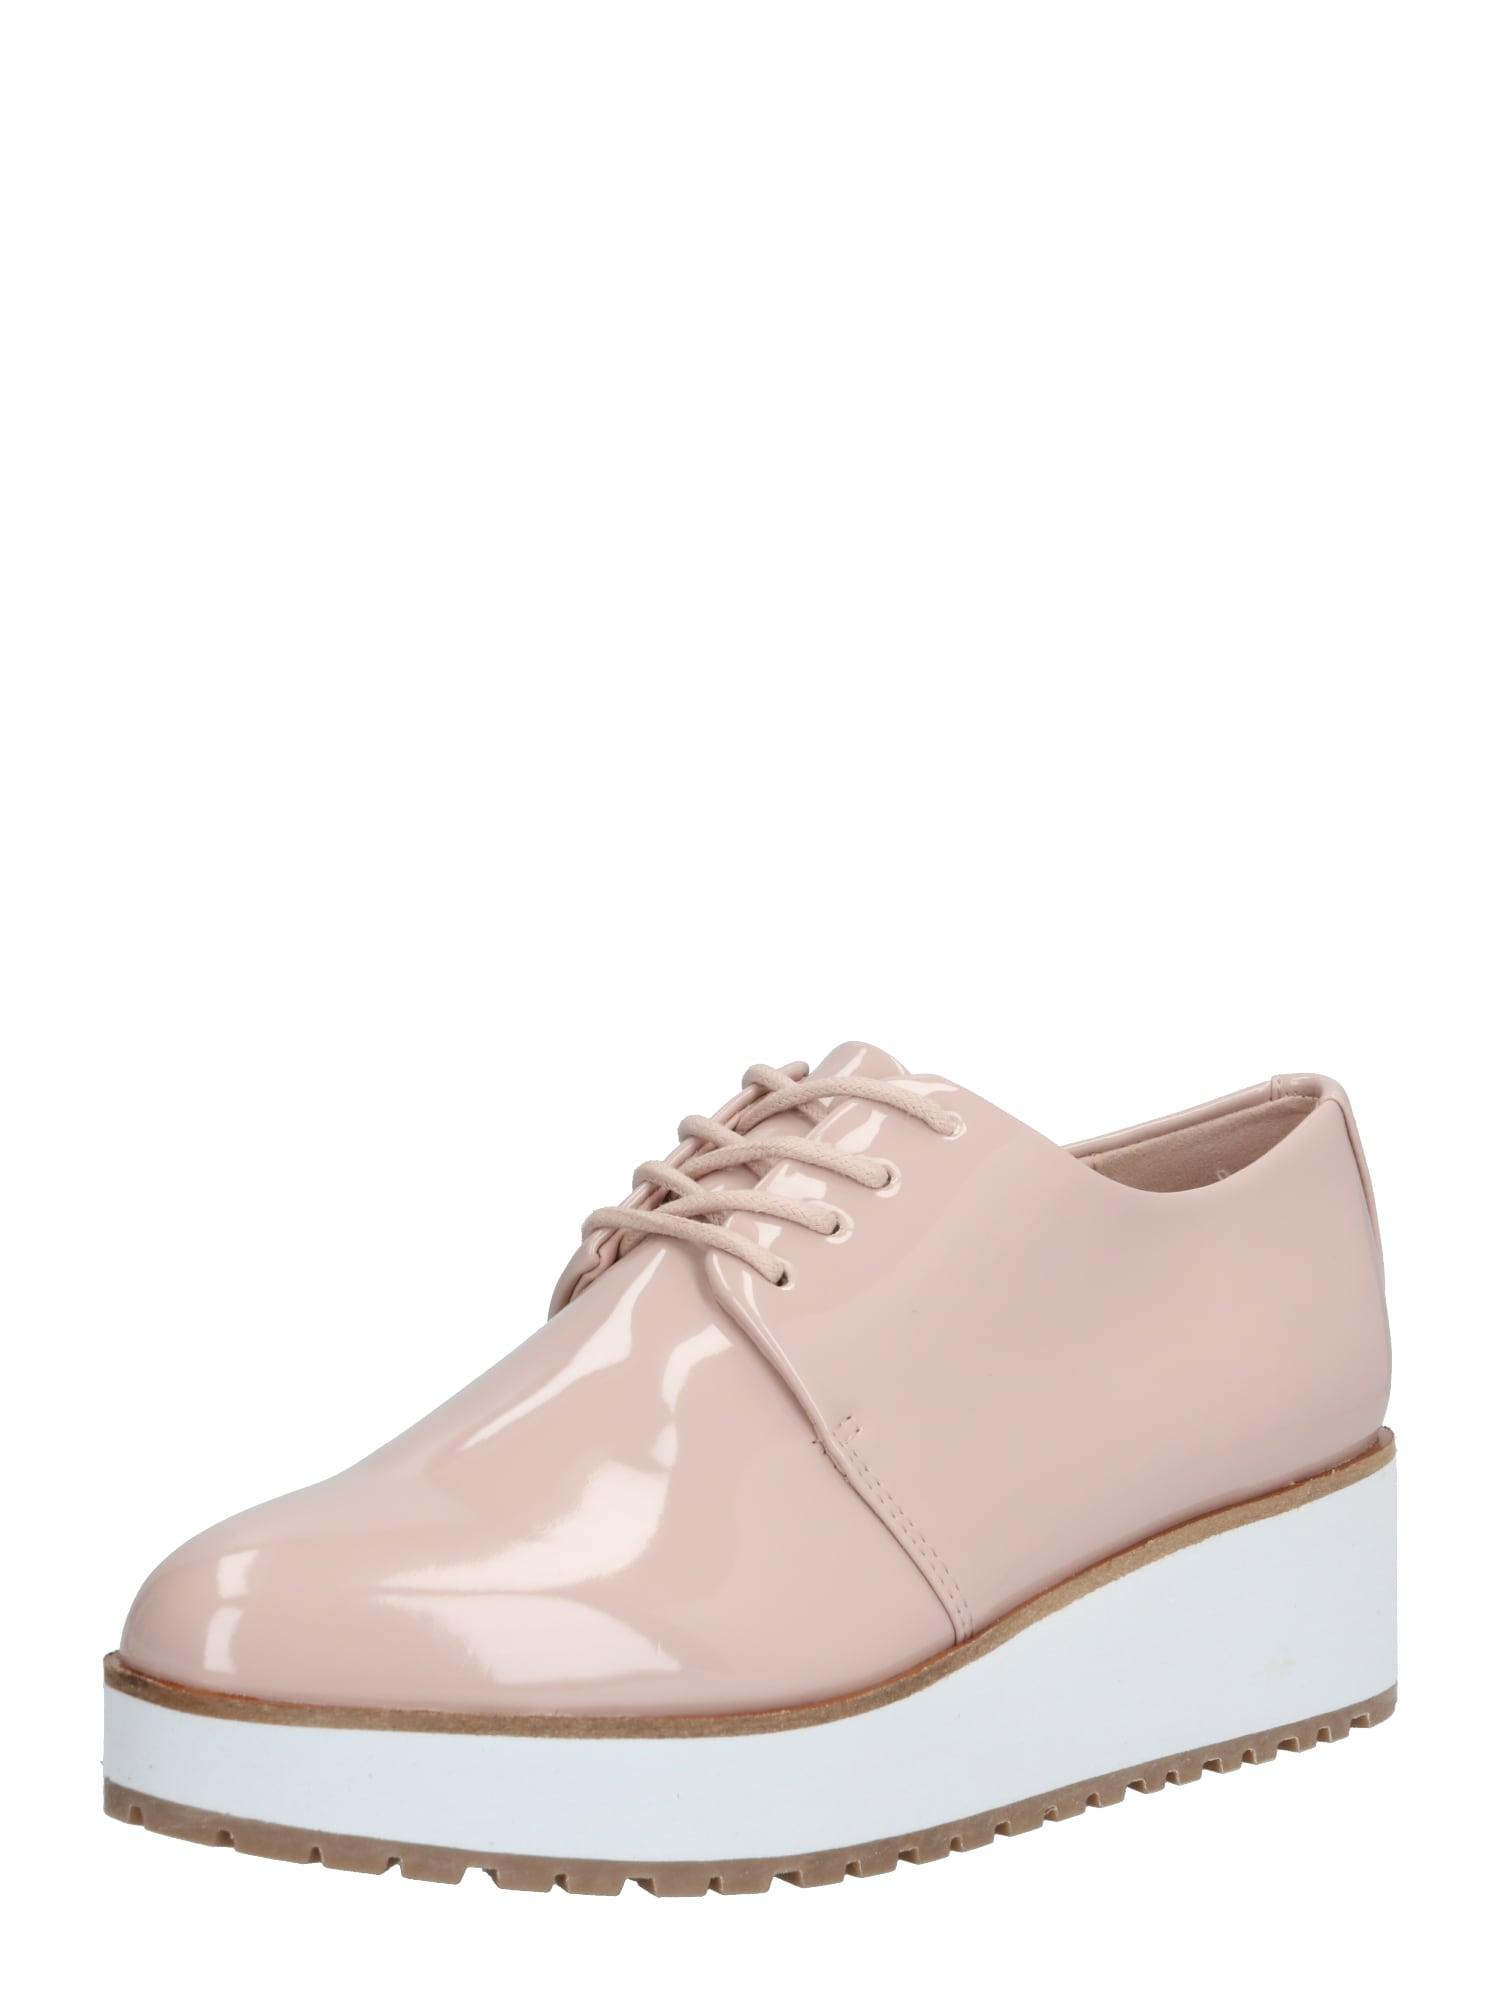 Schnürschuh 'Lovirede' | Schuhe > Schnürschuhe | ALDO